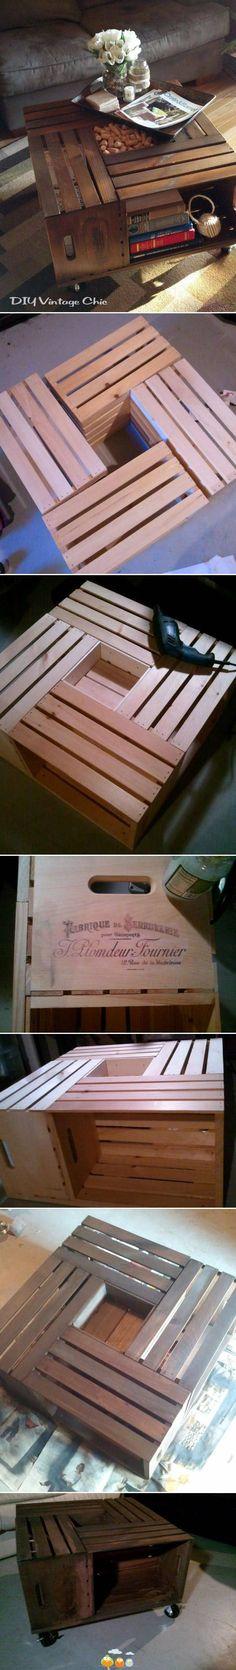 Fabrication d'une table basse à partir de caisse en bois ...